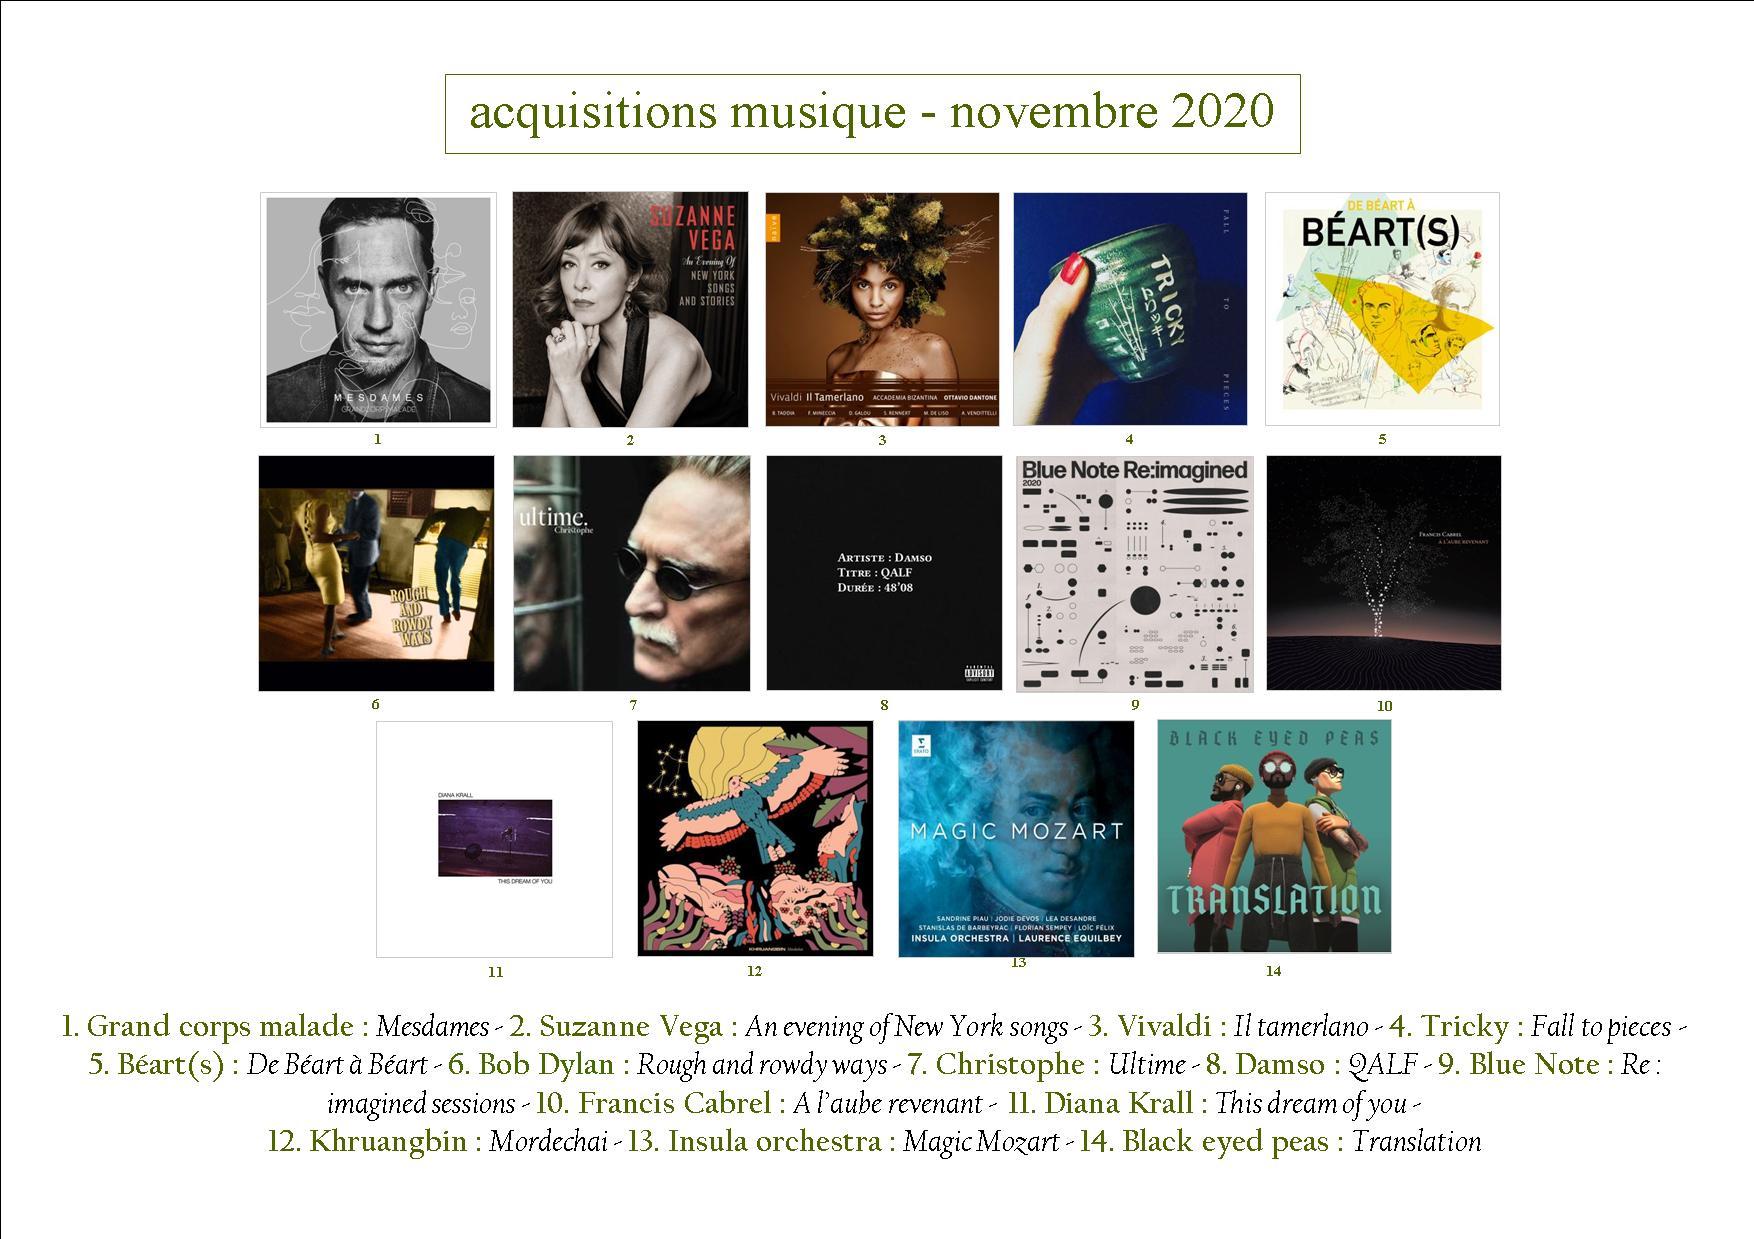 acquisition musique novembre 2020